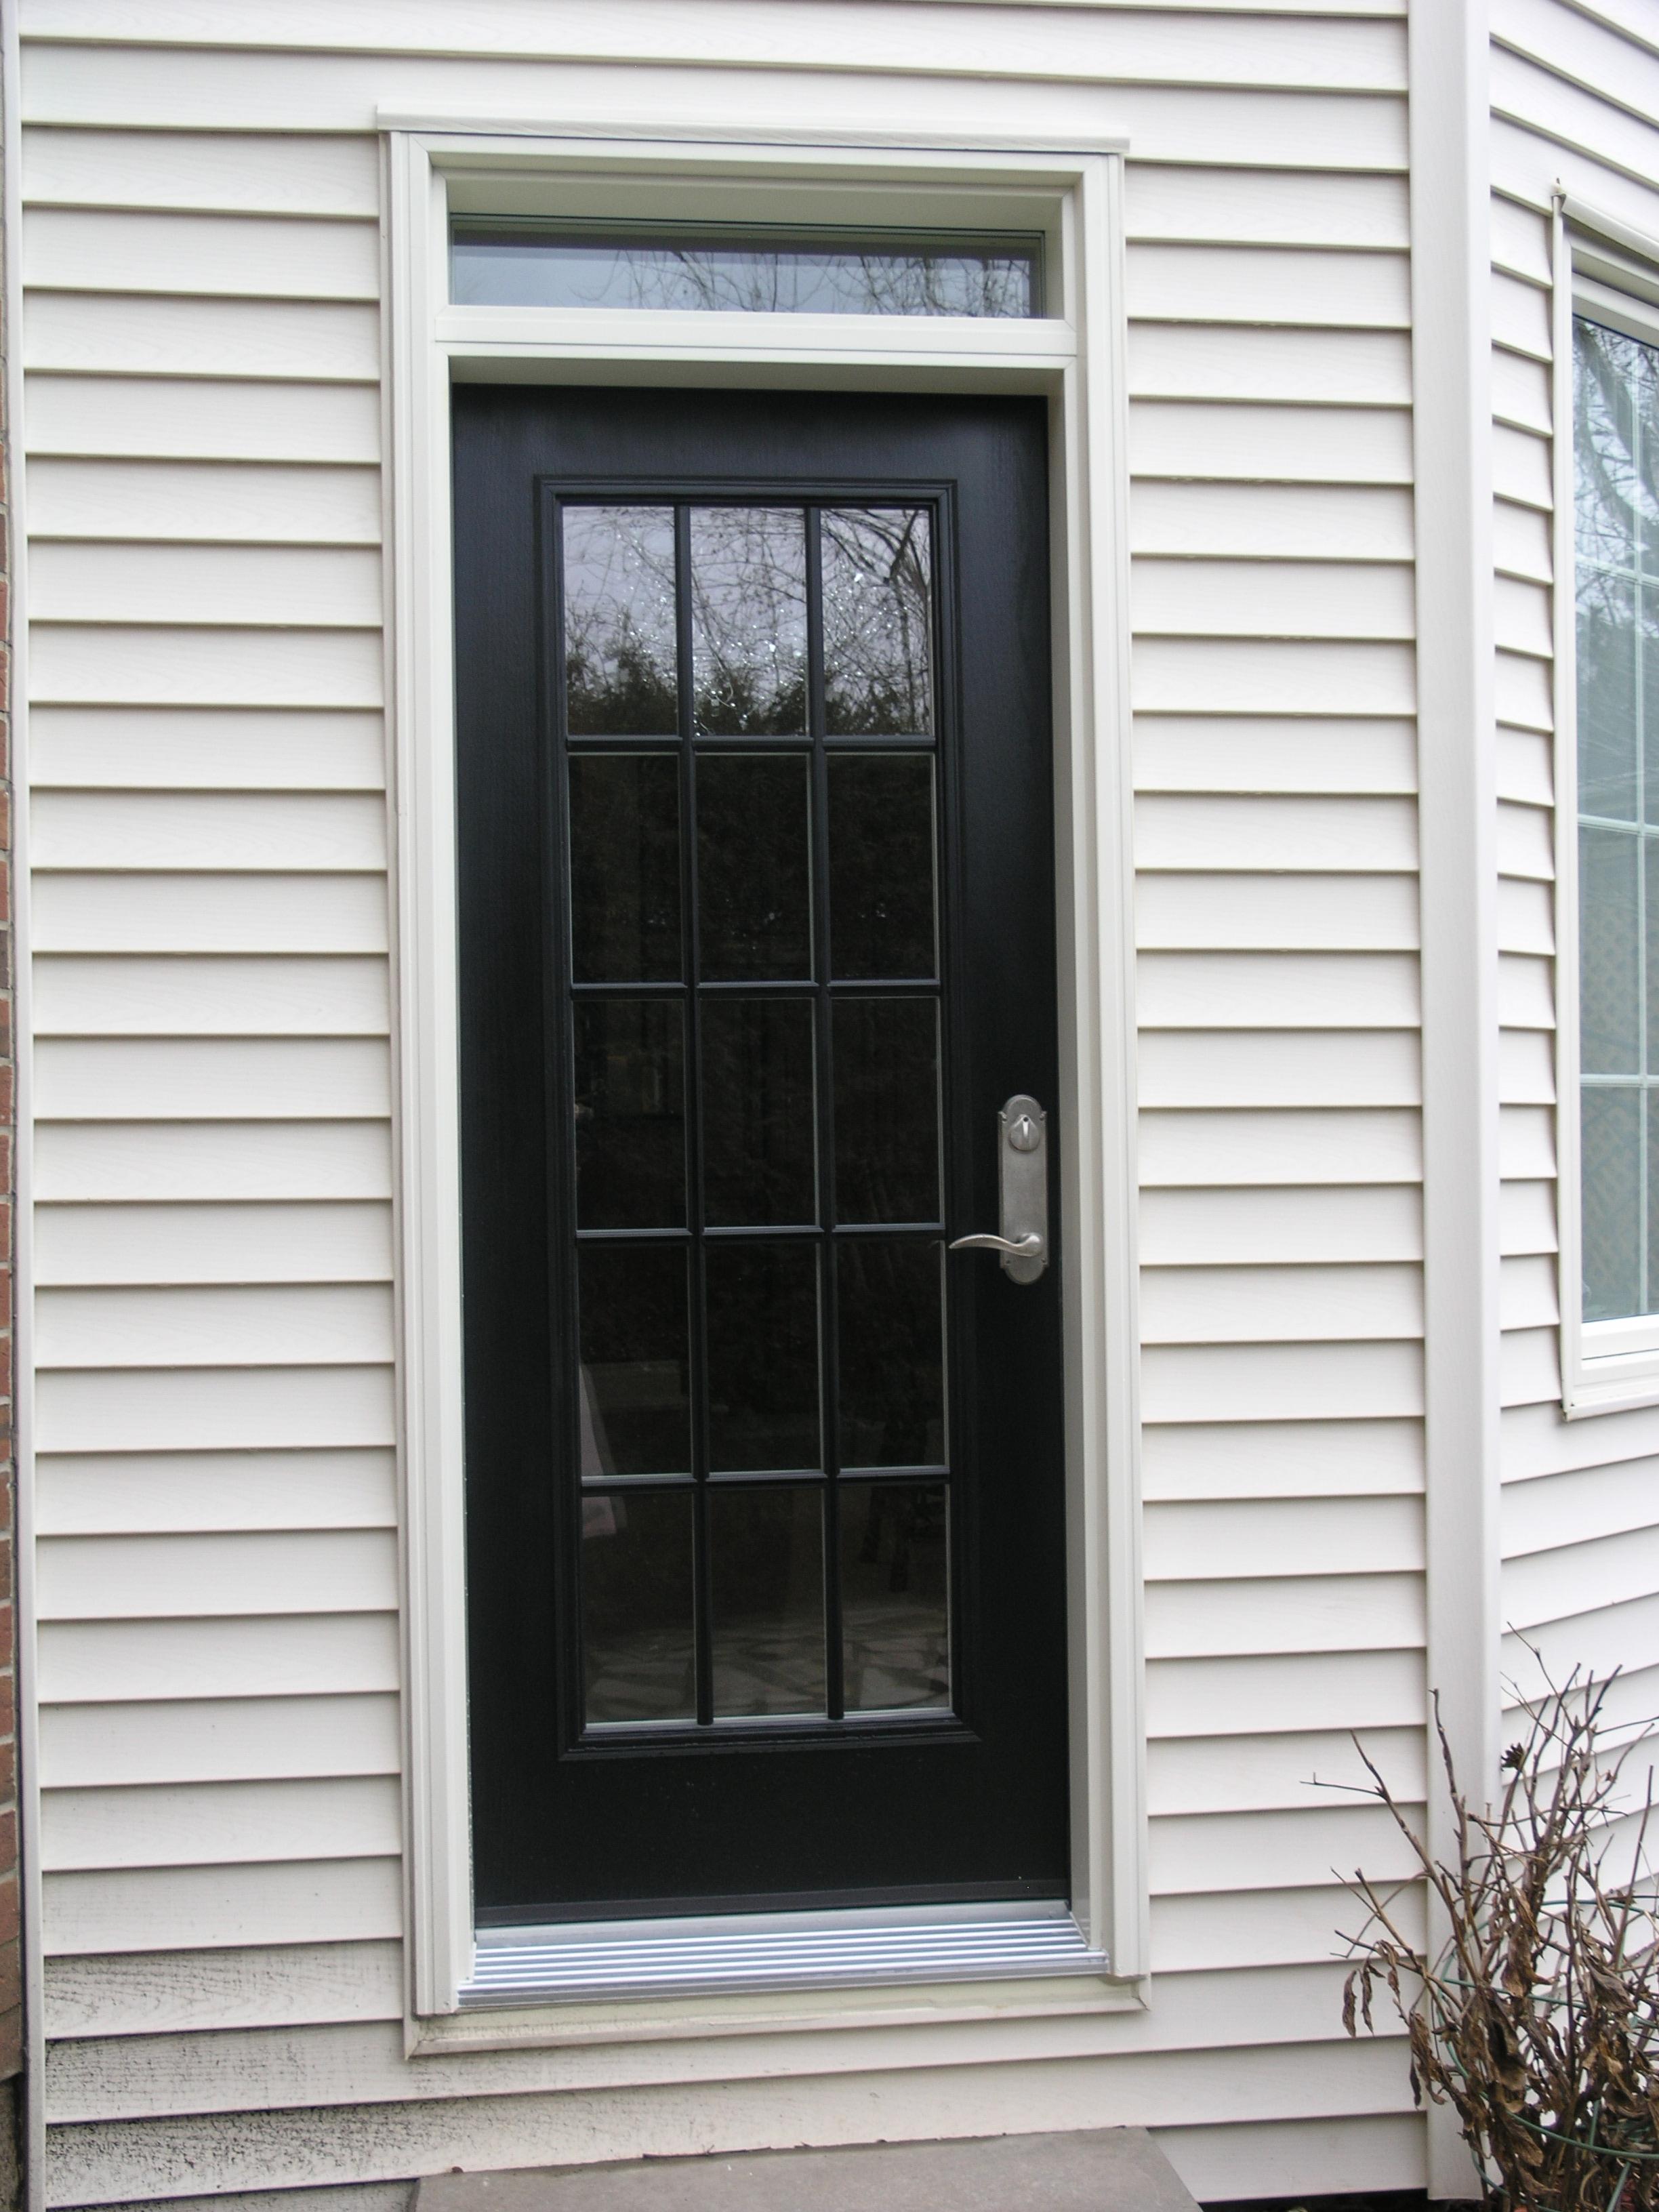 3264 #556776 200 Series Insulated Steel Entrance Doors Fibertec Windows & Doors  picture/photo Steel Insulated Exterior Doors 40692448